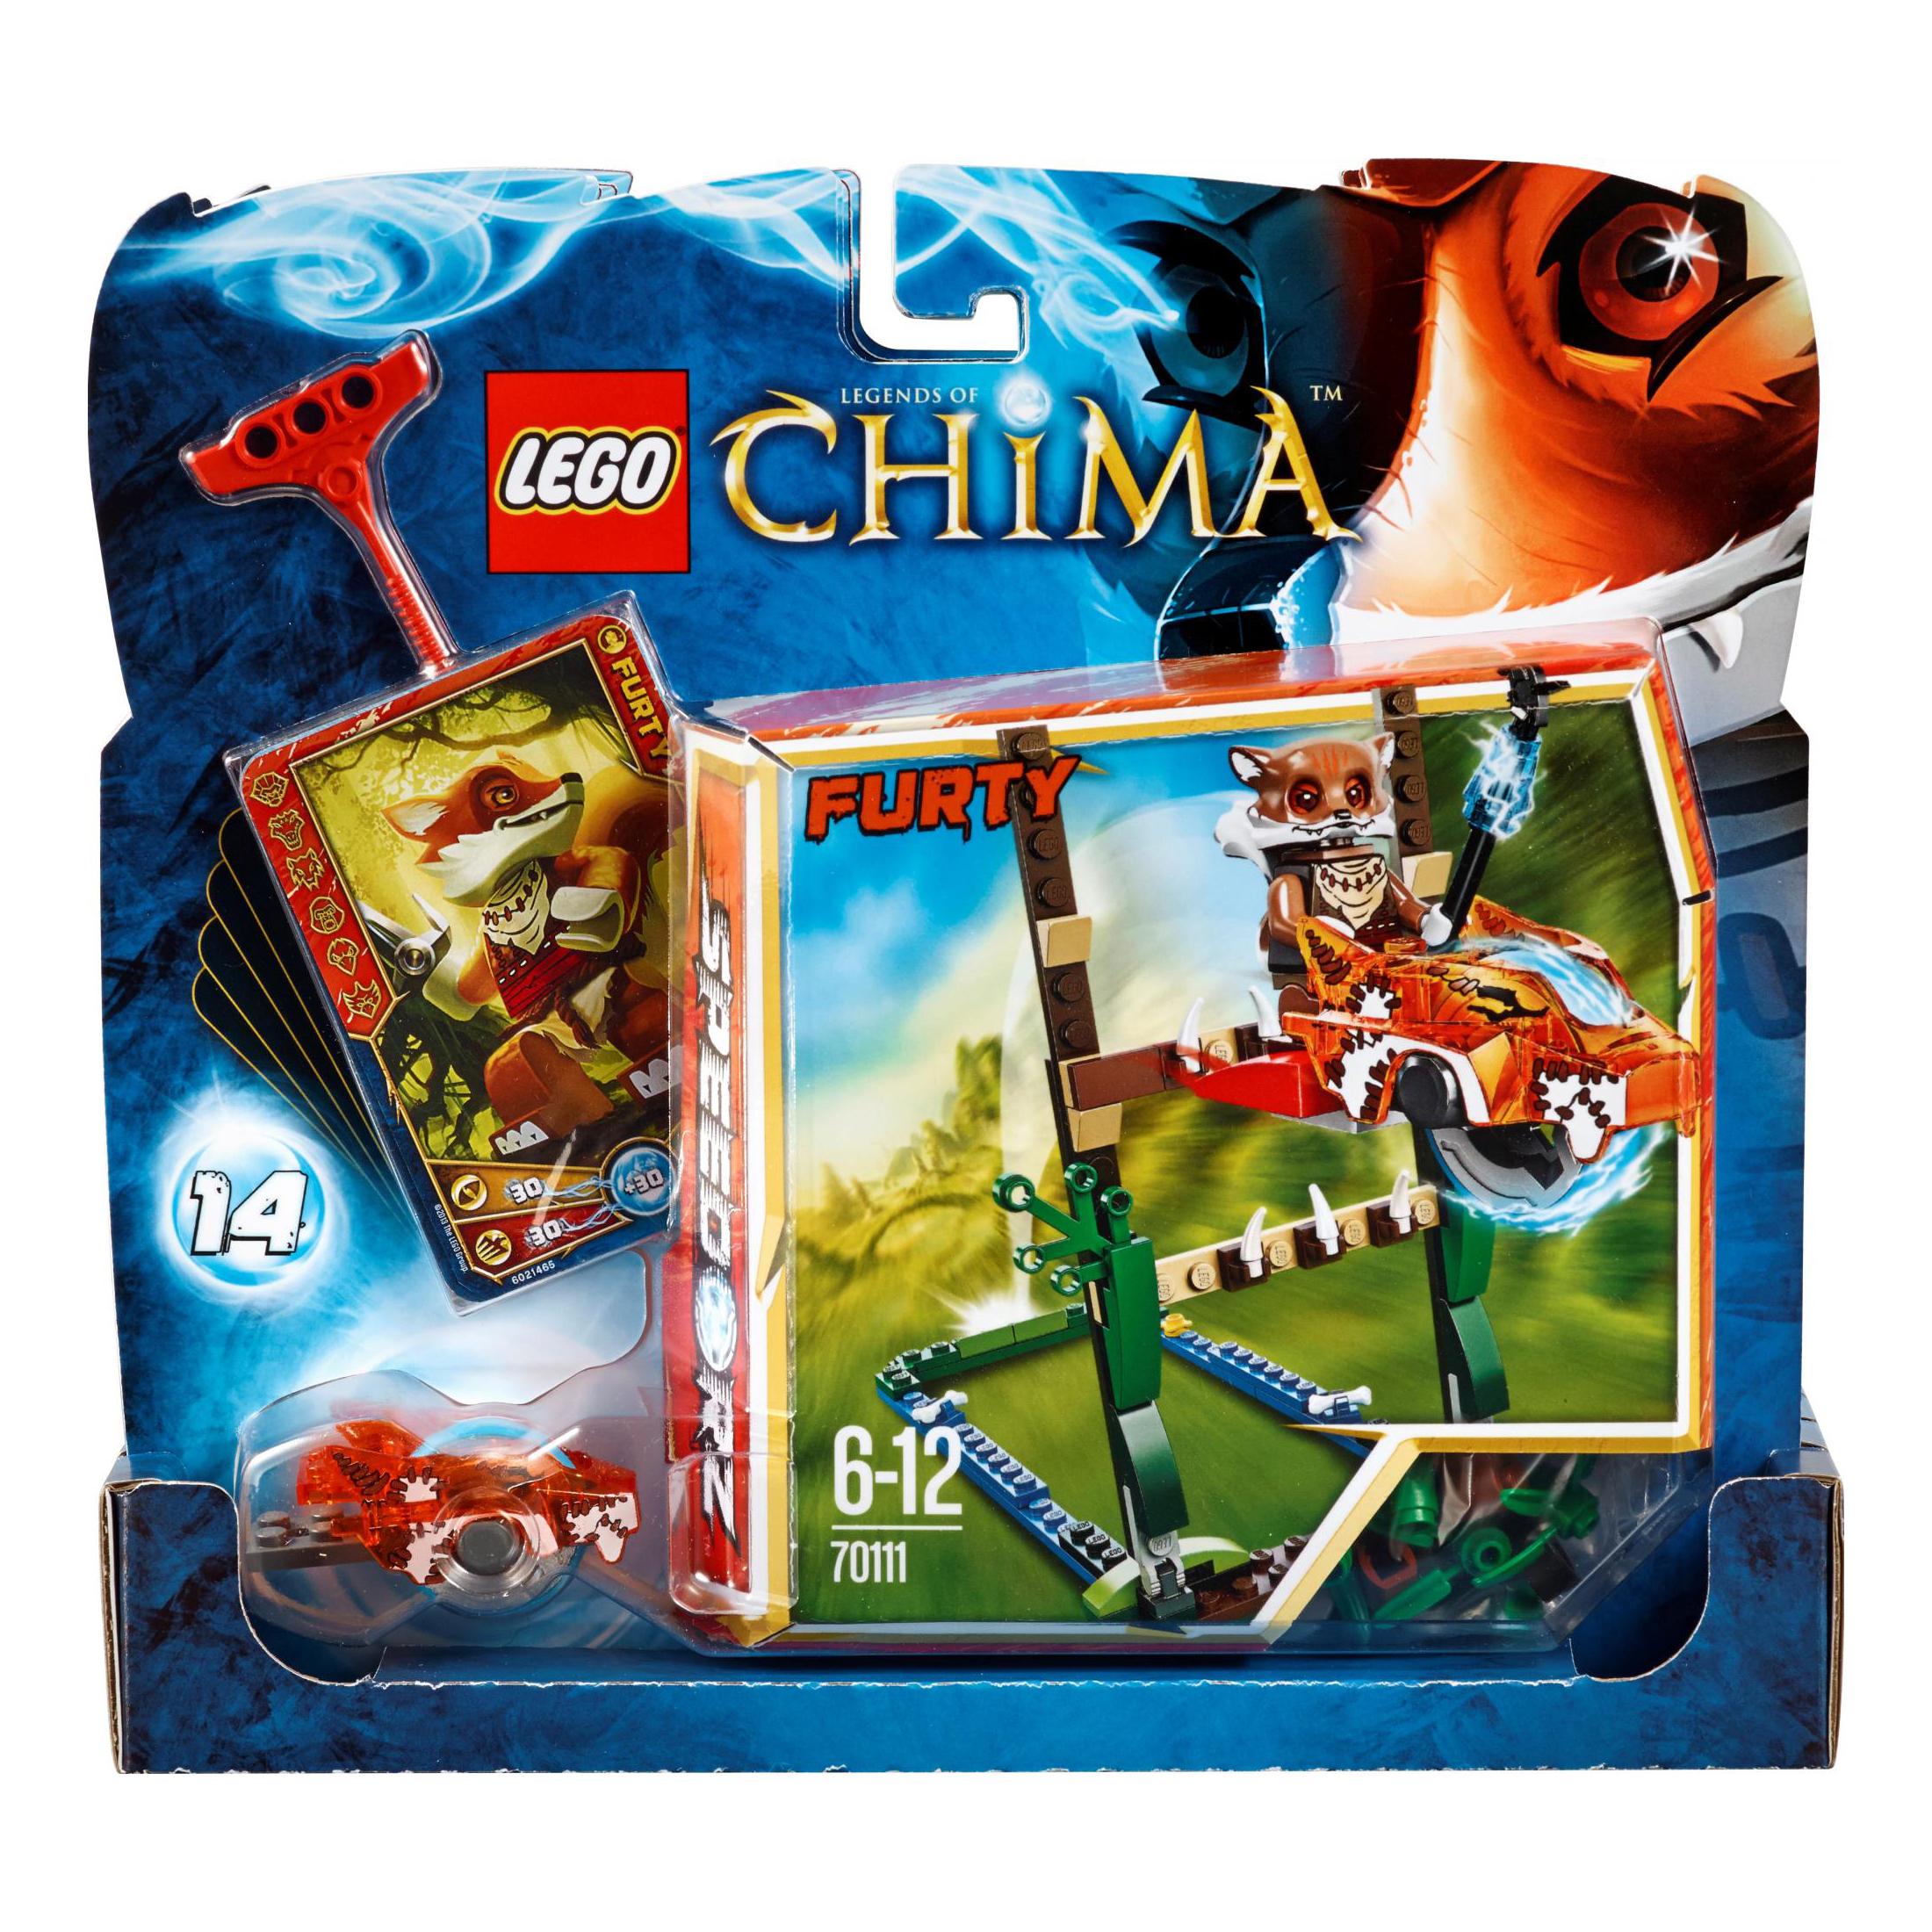 Đồ chơi xếp hình LEGO Chima 70111 - Vượt đầm lầy